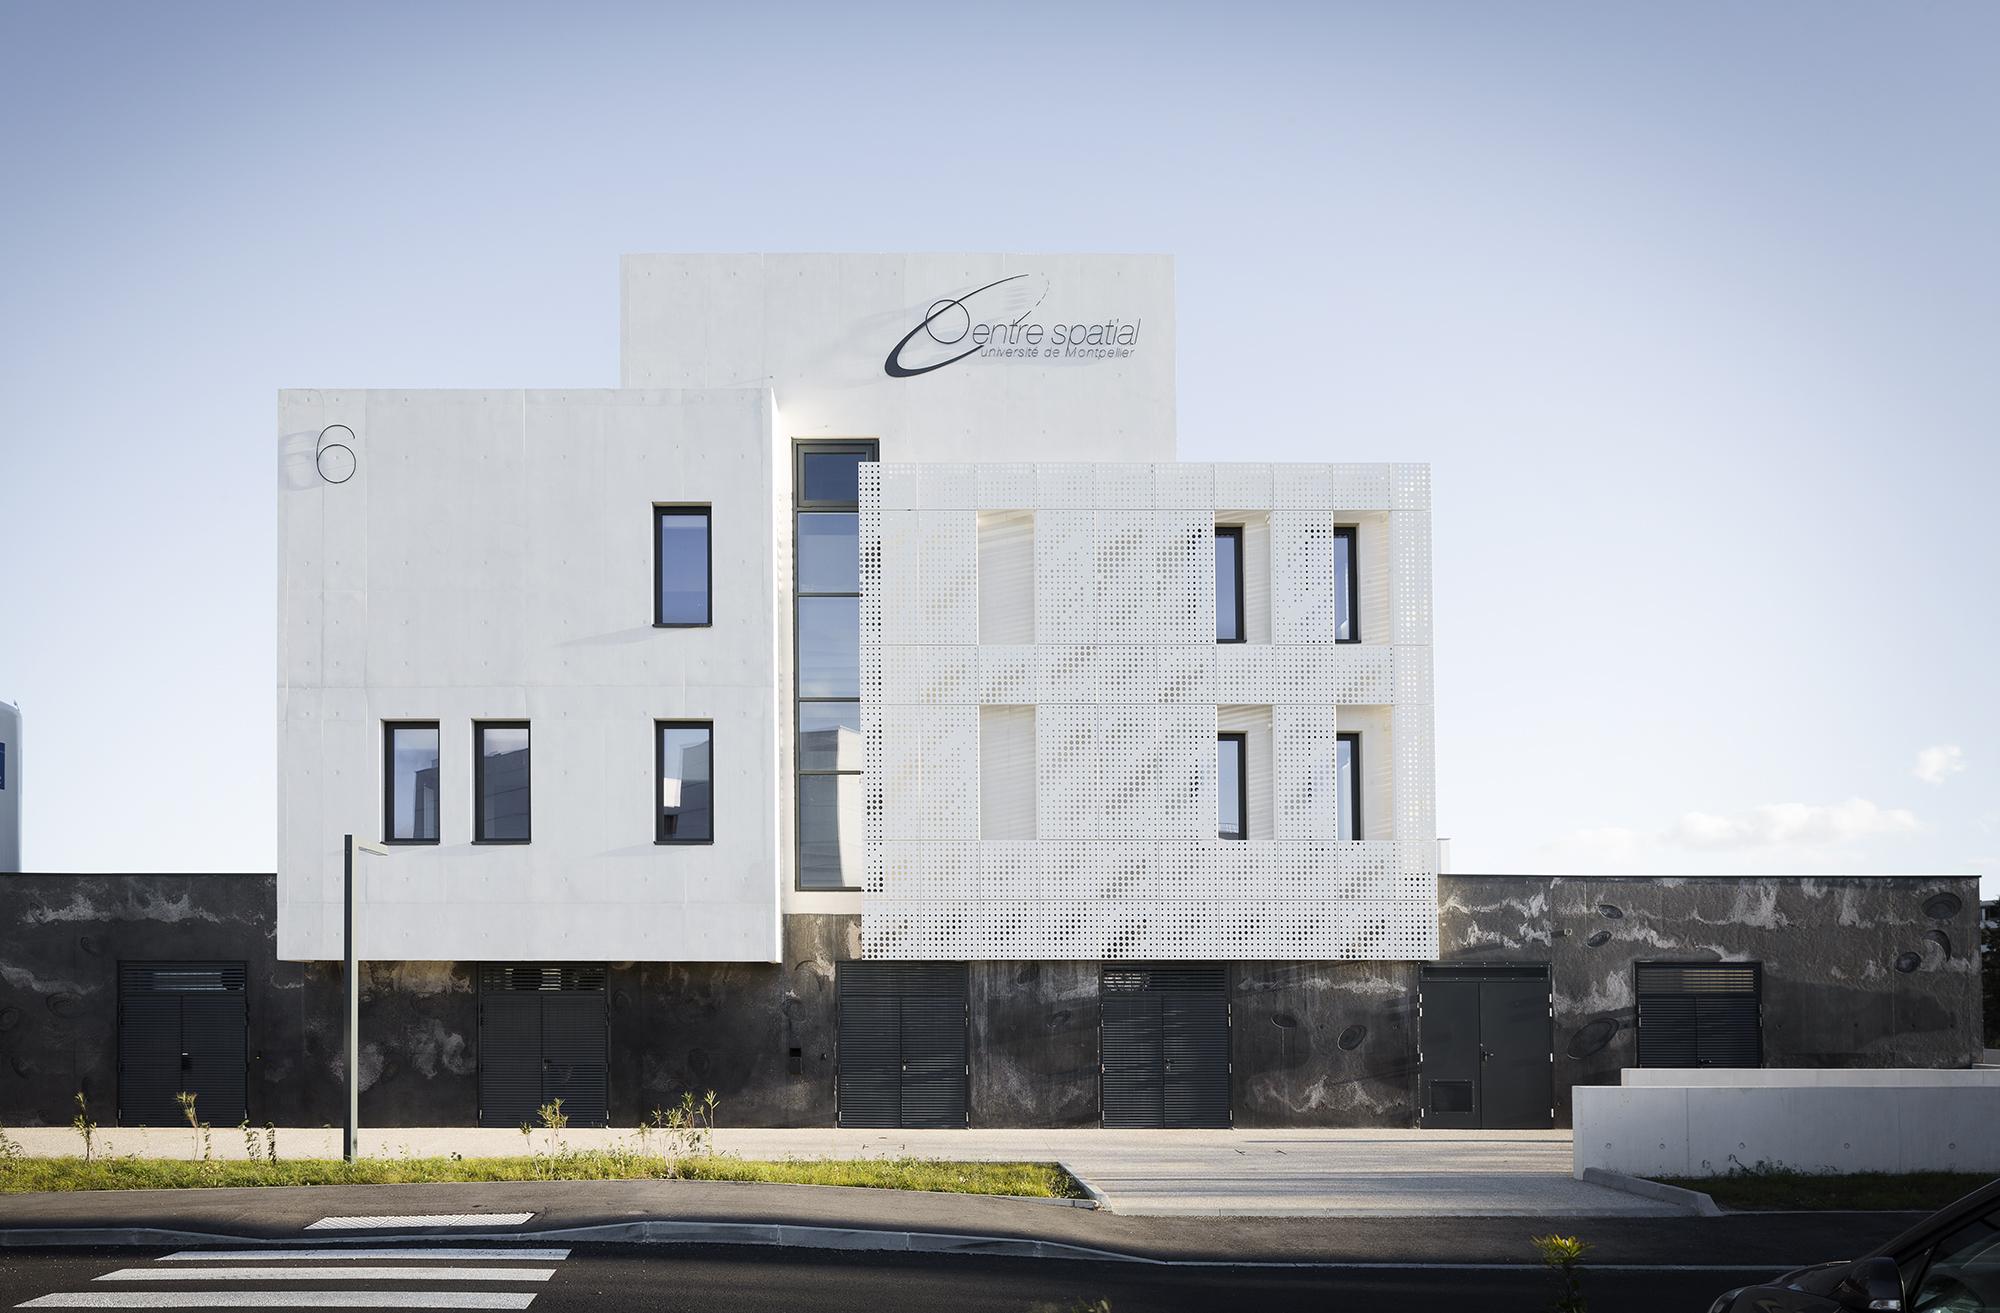 a+-architecture-centre-spatial-universitaire-montpellier-mc-lucat-2017